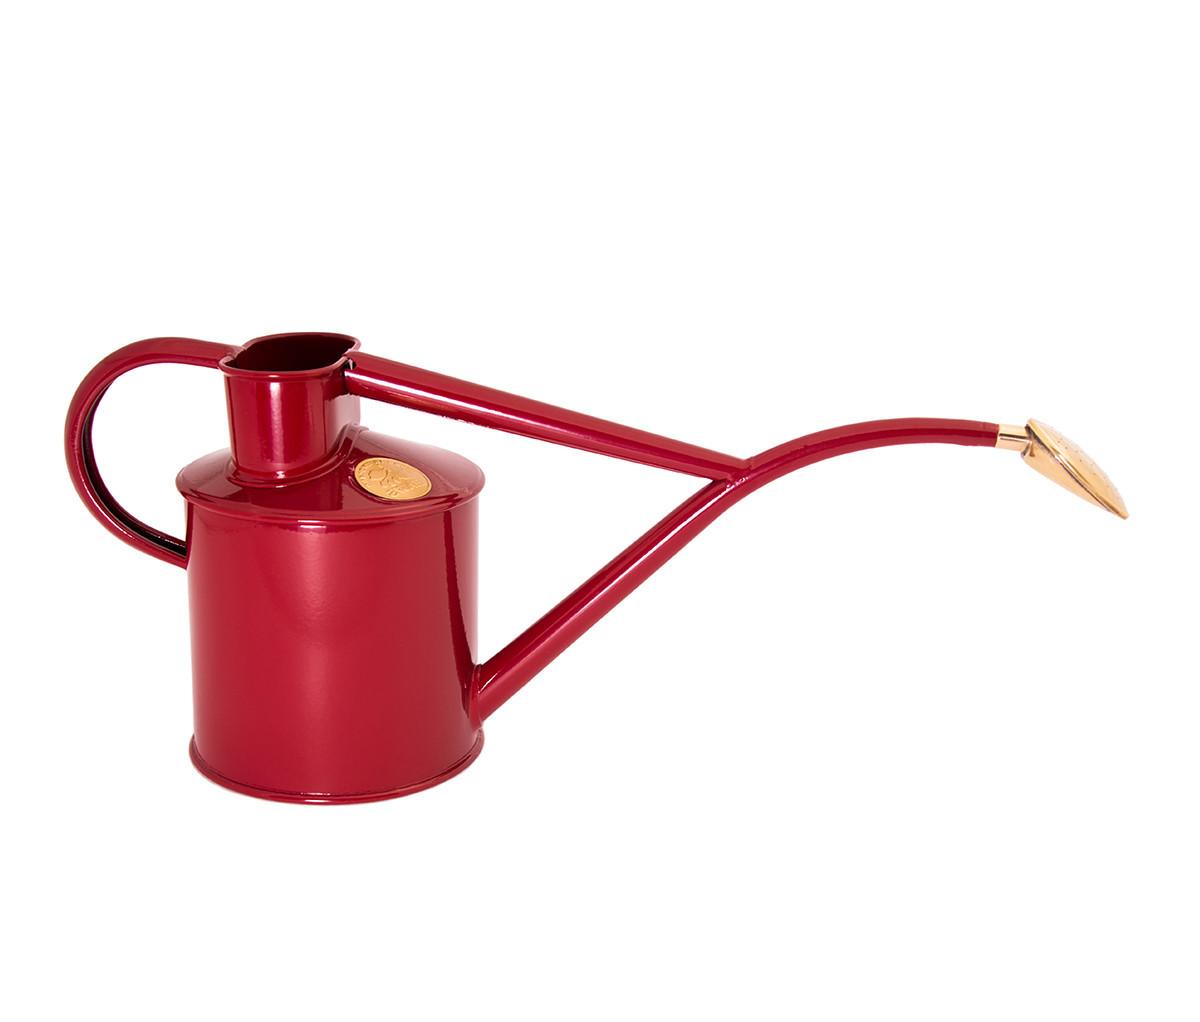 Gartengießkanne 5 Liter rot Gießkanne